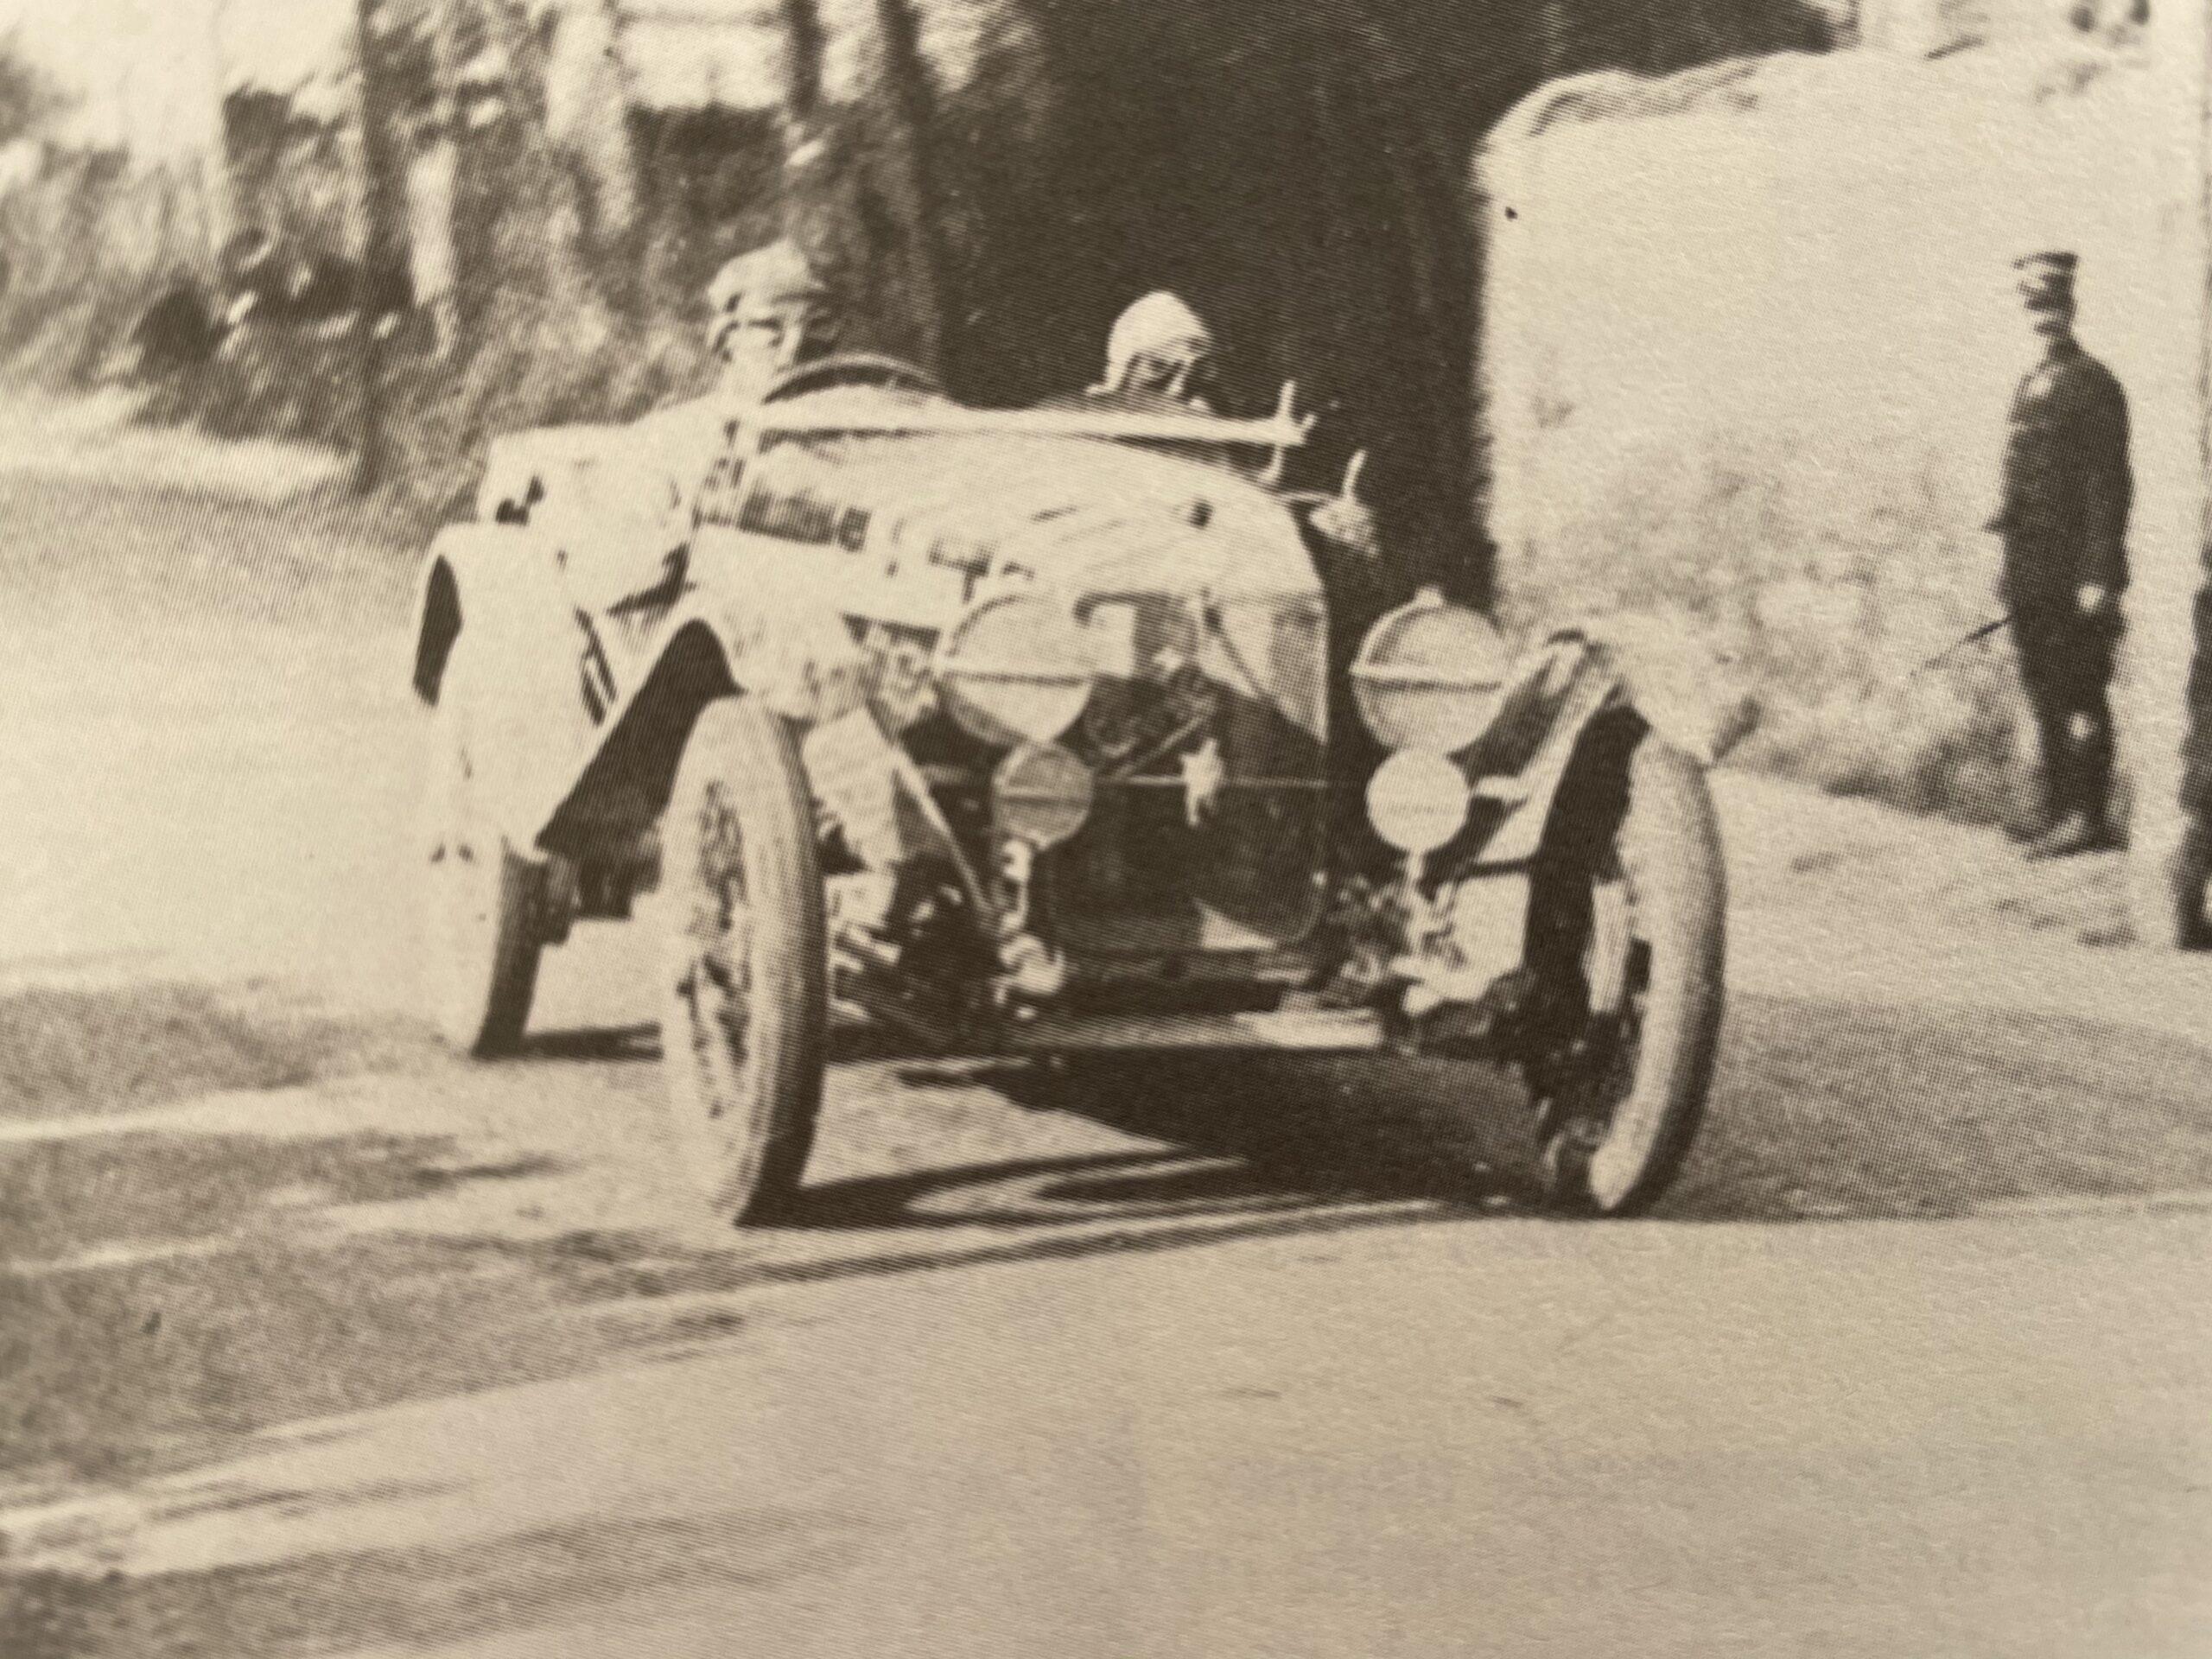 Dall'Automobile Club Pugliese al primo Auto Club di Bari: primi storici passi dell'automobilismo pugliese